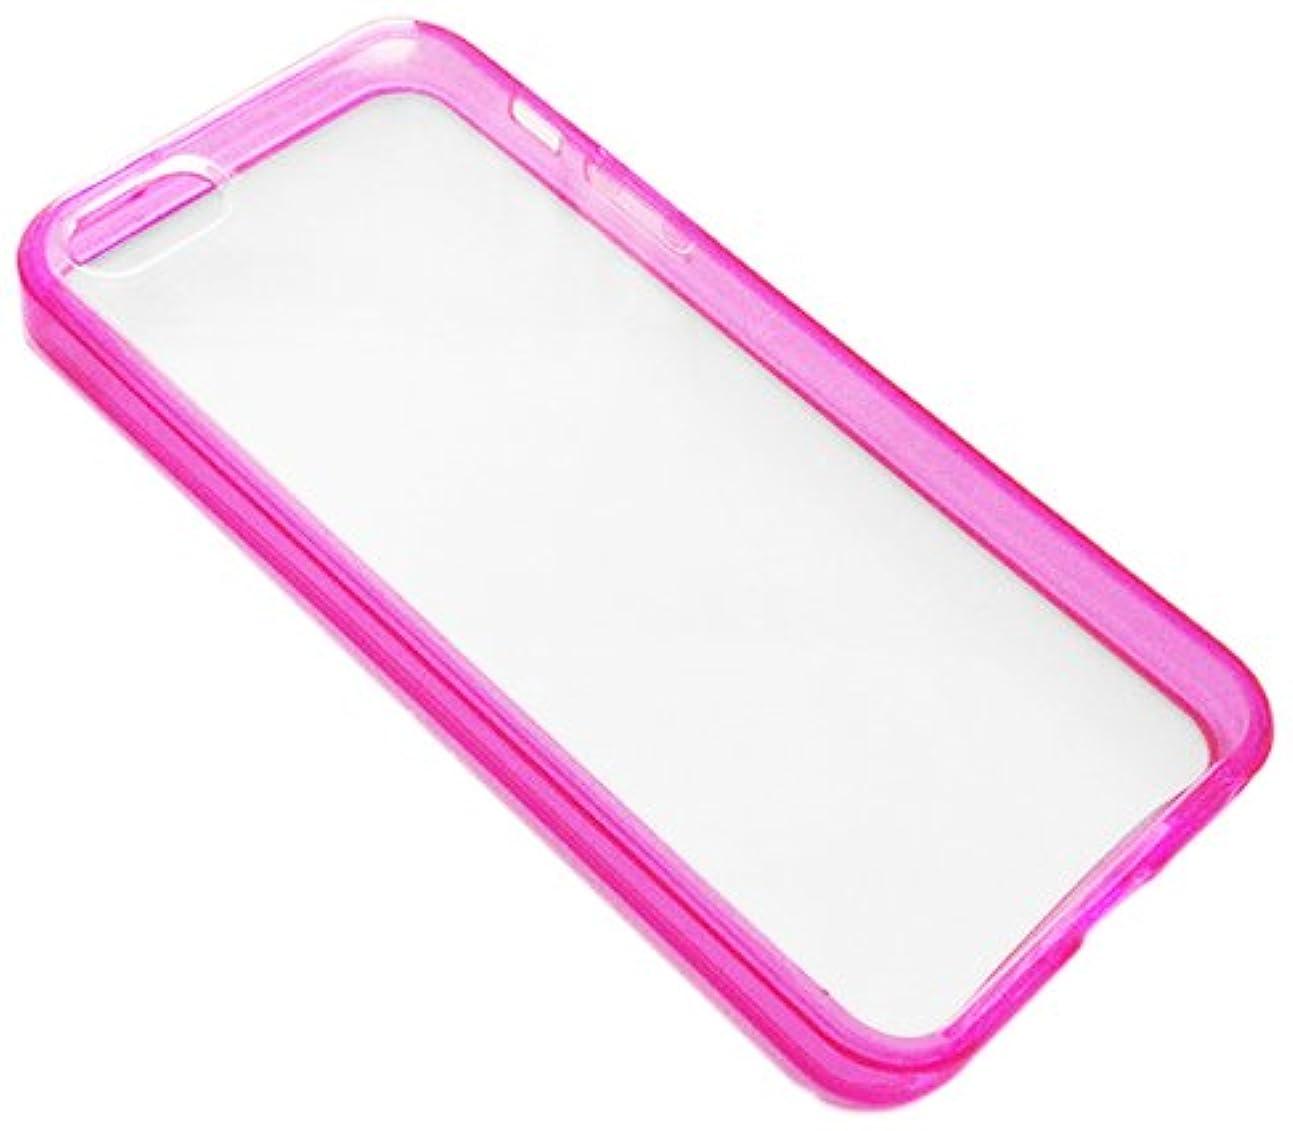 インレイバレーボール苦難エアージェイ iPorter iPhone5専用 ケース ピンク/側面ソフト 背面ハード AC-P5-TP PK